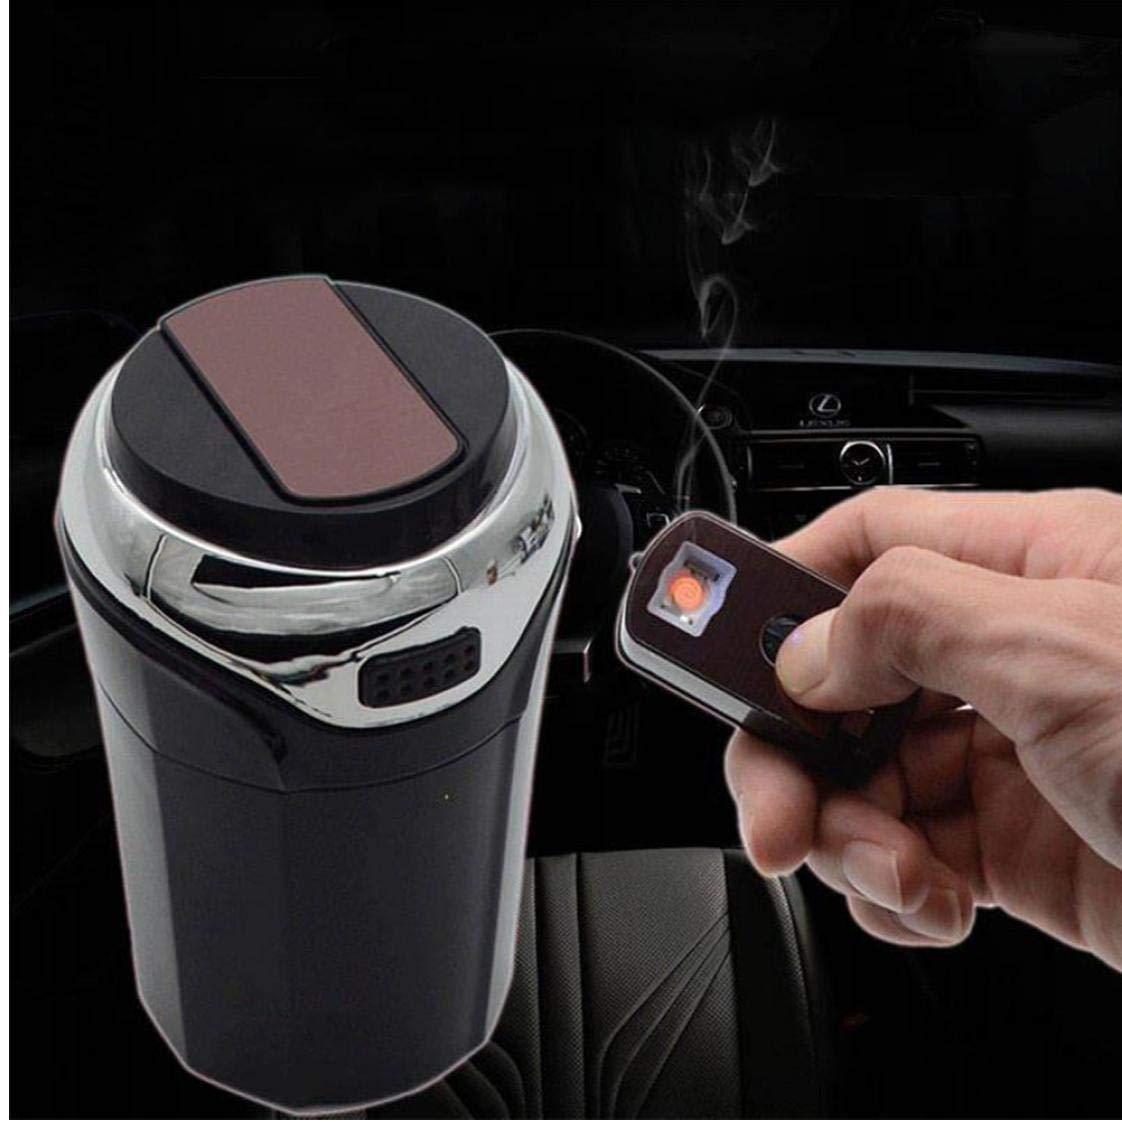 PiniceCore 2 in 1 Portatile conveniente Holder Leggero Auto Car posacenere Cenere di Sigaretta Staccabile Pratica Accendino con Luce LED